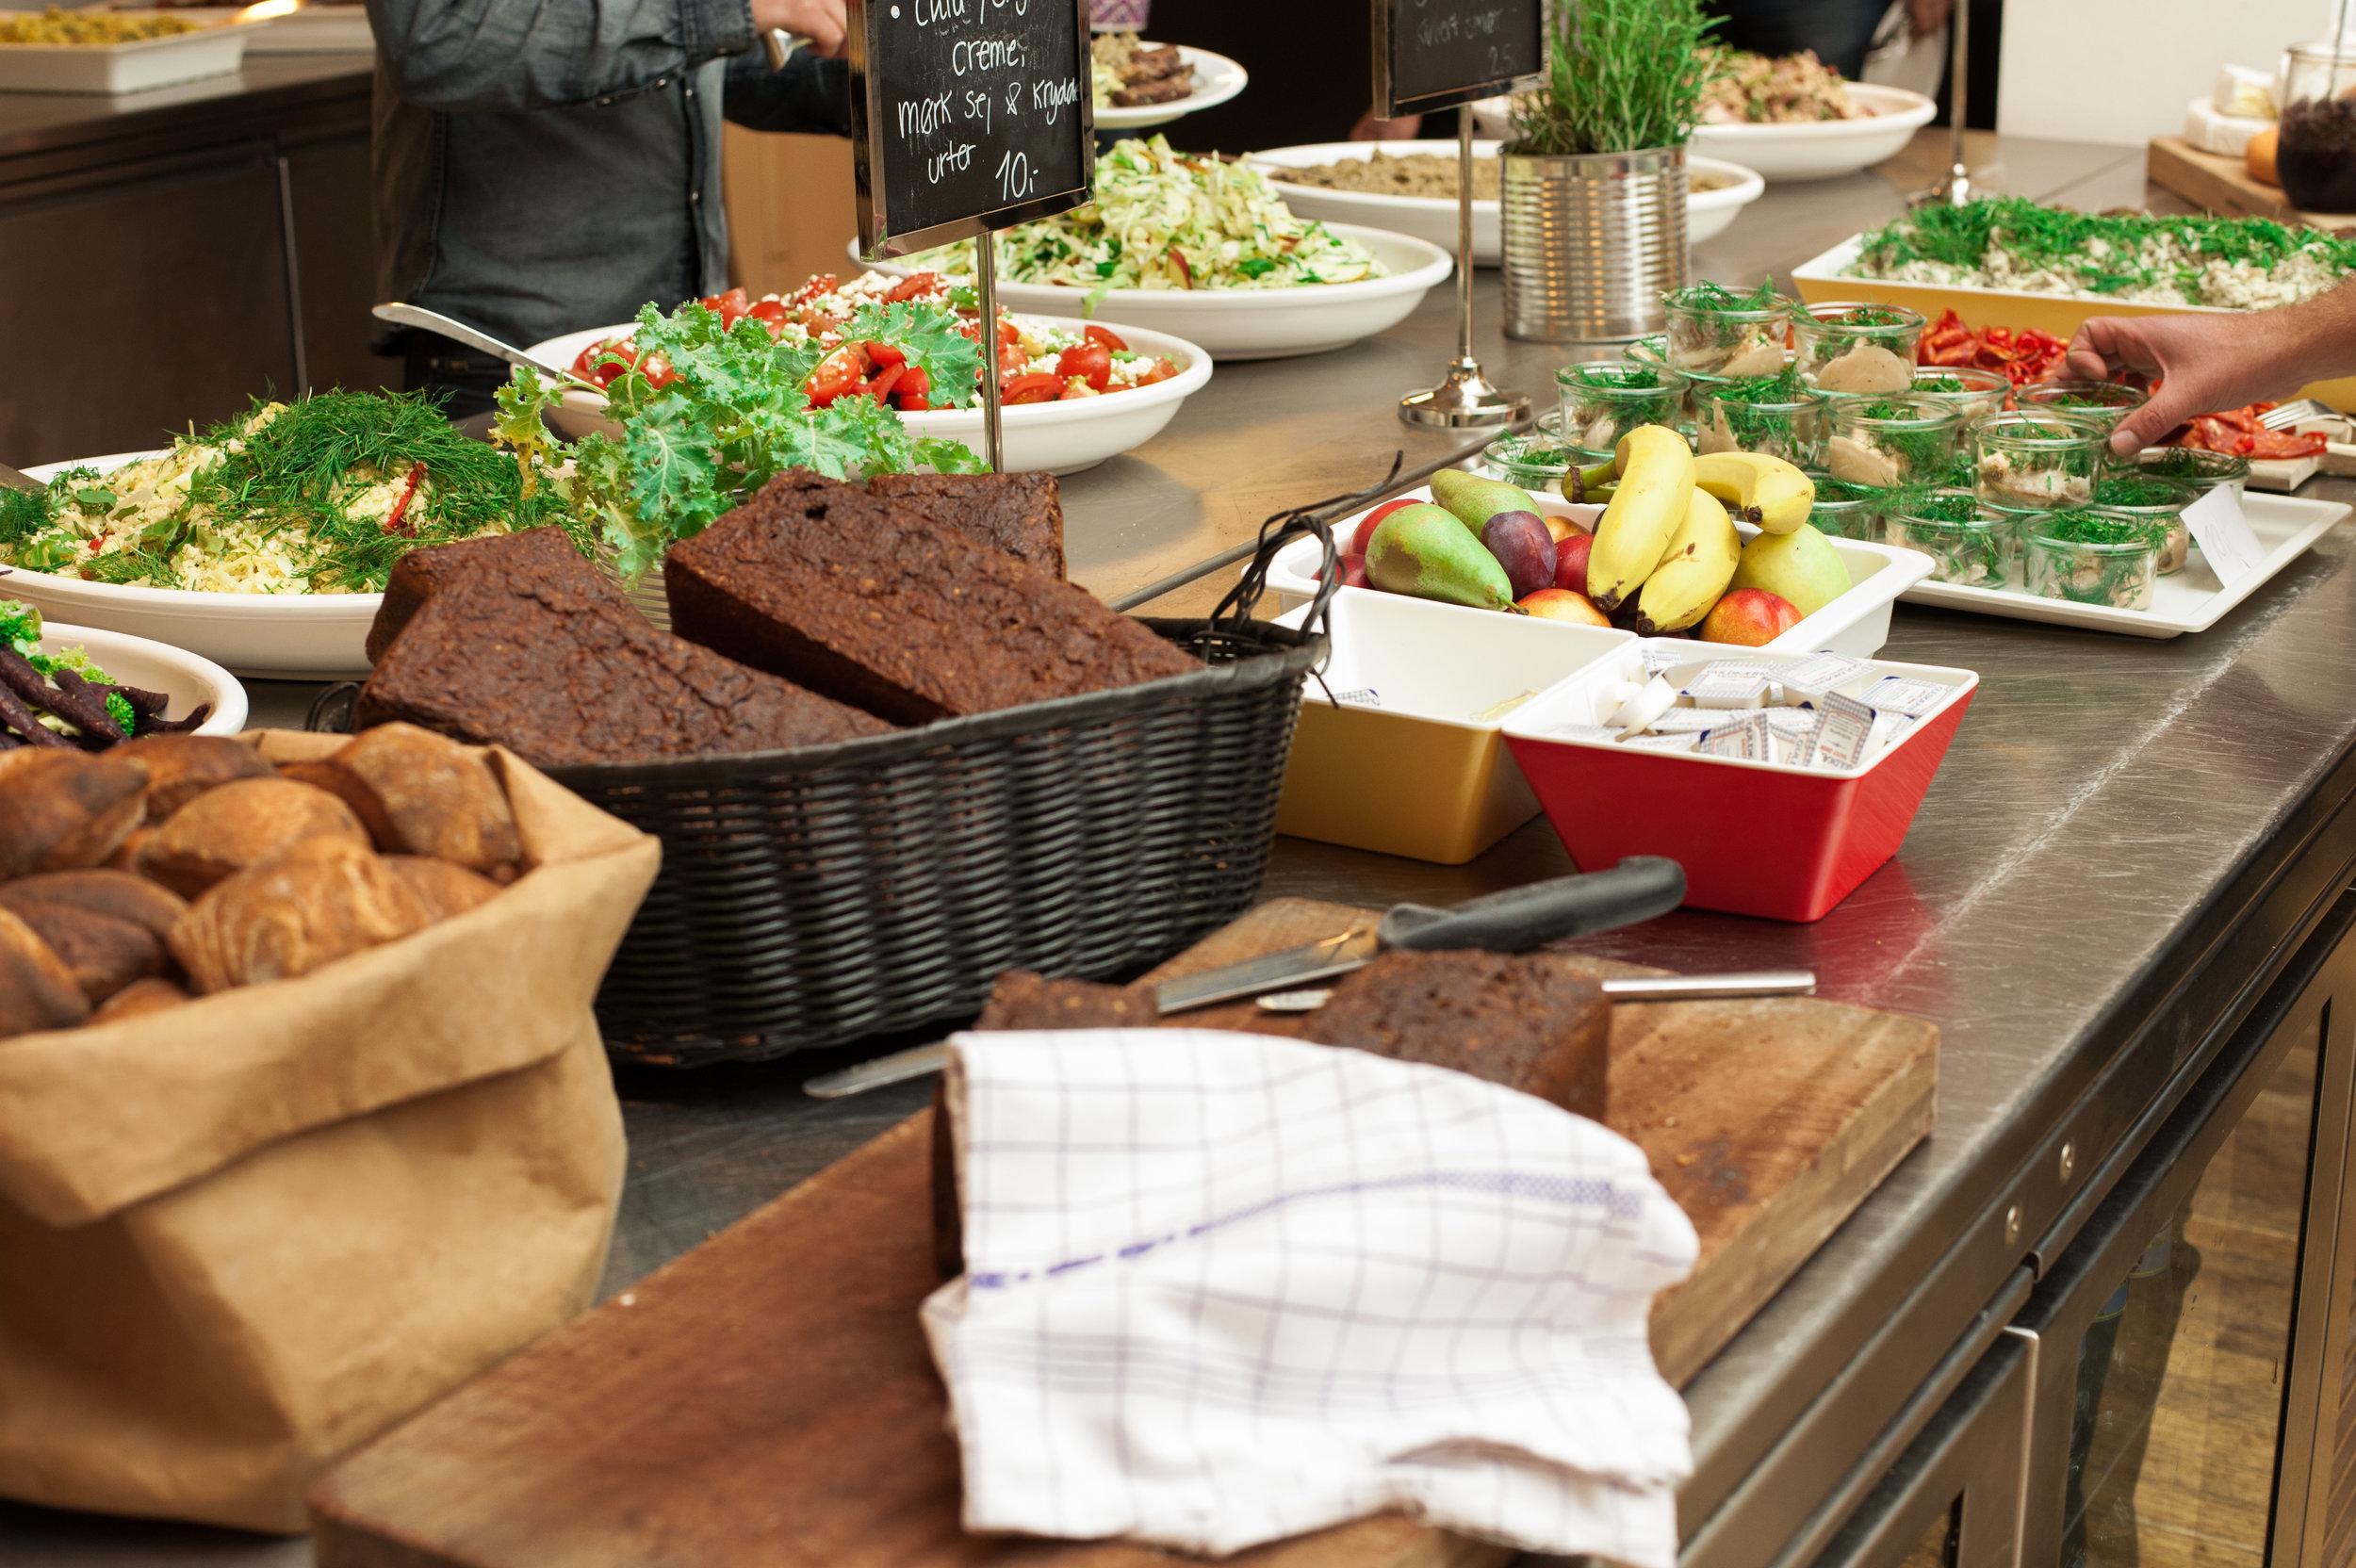 Der serveres en sund og lækker frokost alle 3 kursusdage.